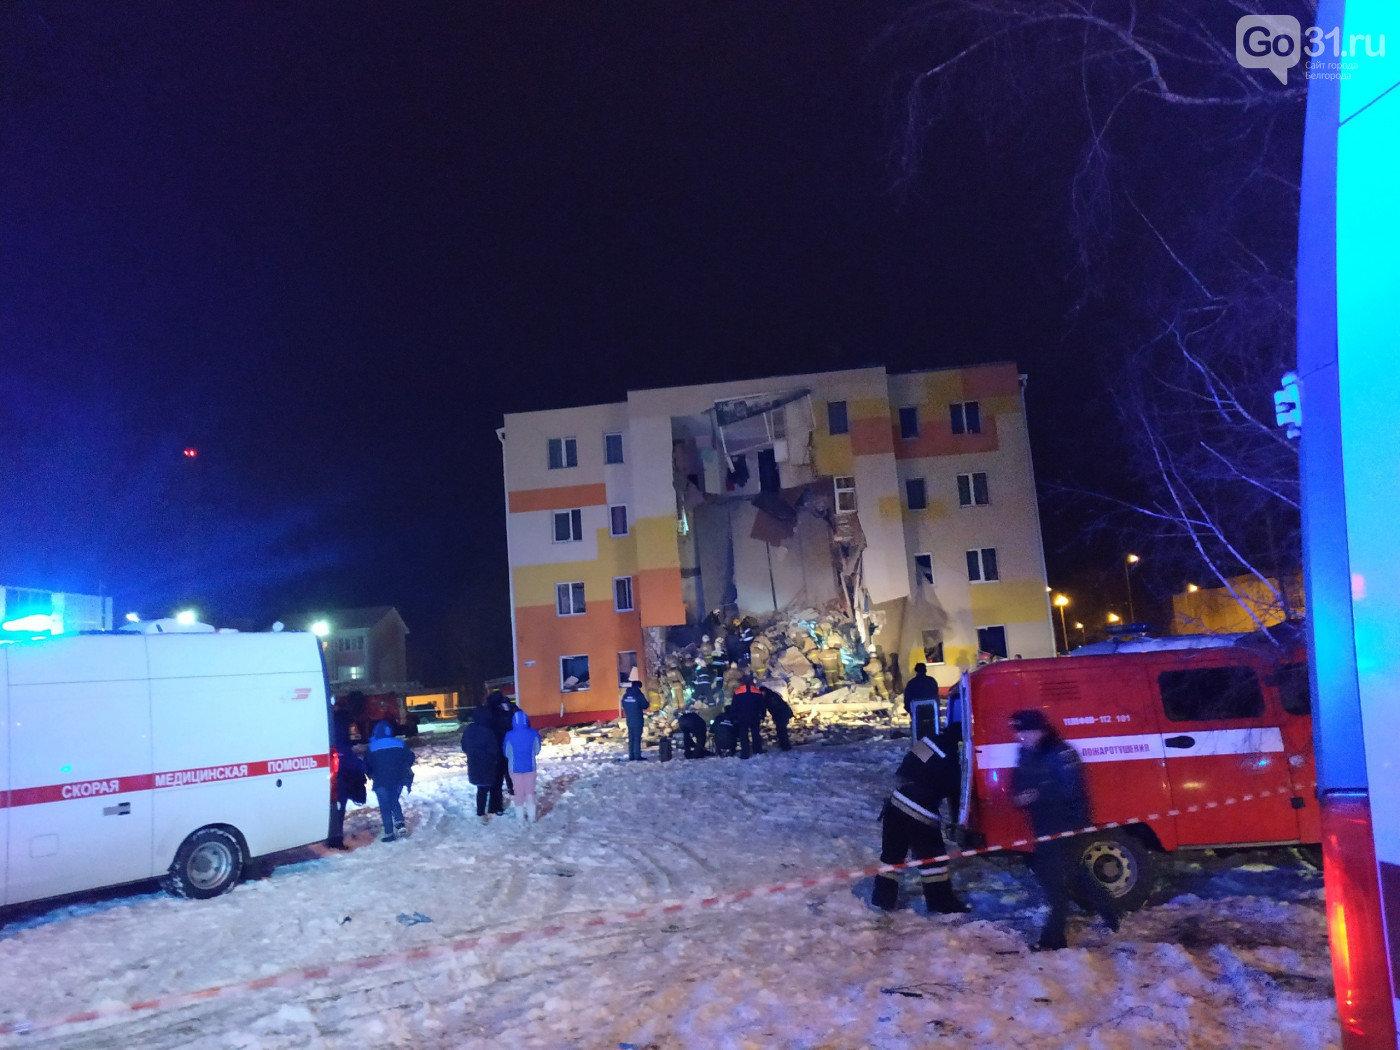 Жильцы взорвавшегося в посёлке Яковлево дома скоро станут новосёлами, фото-6